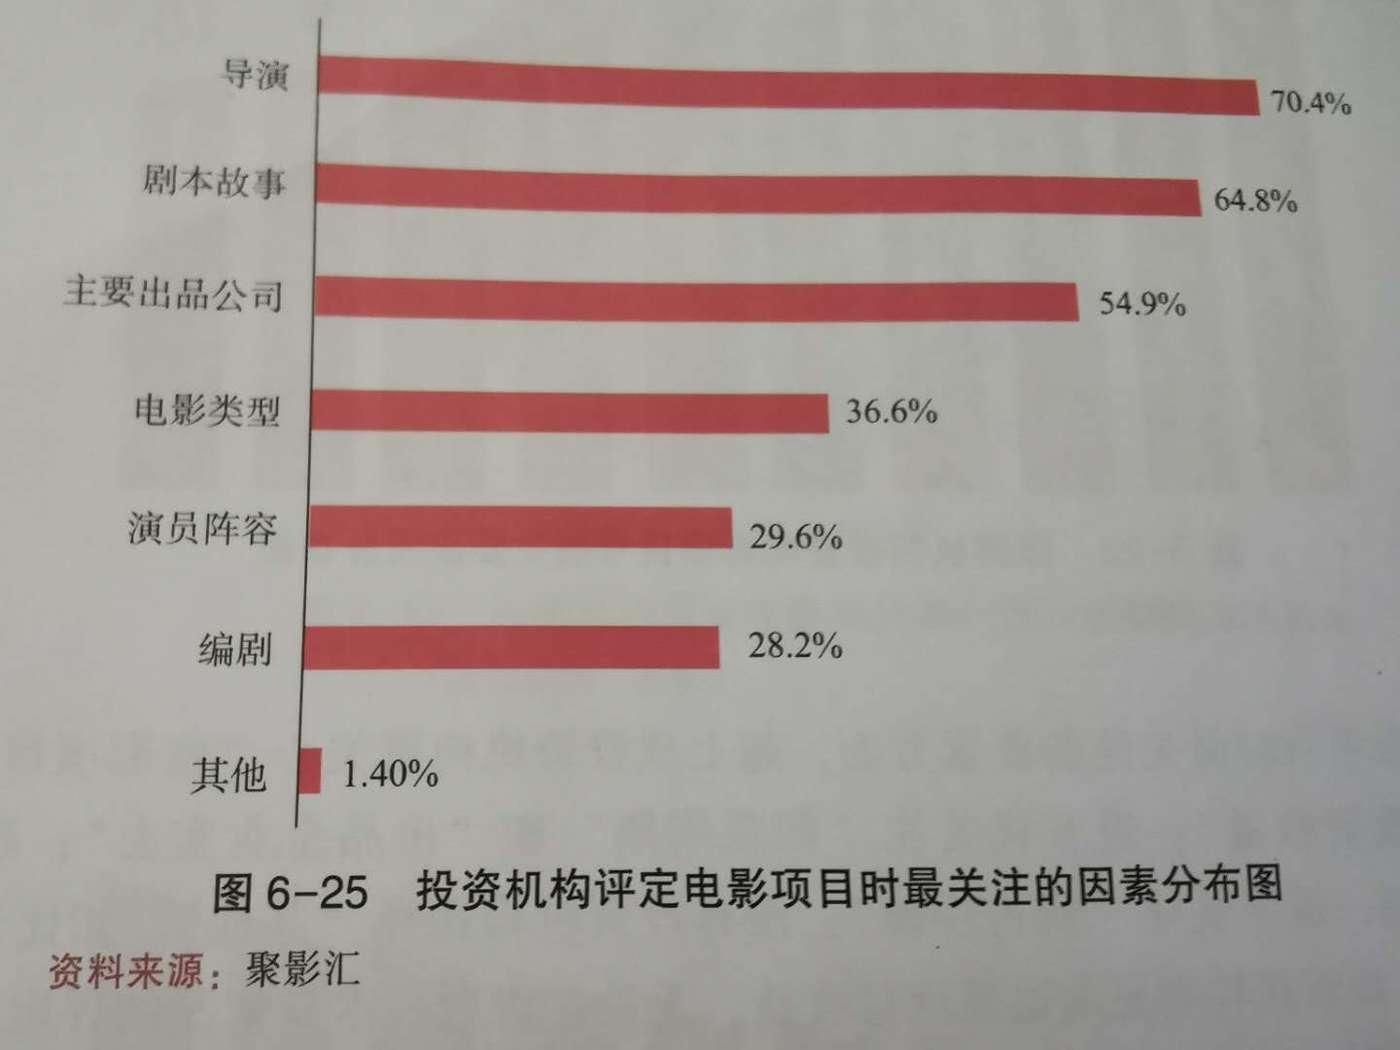 投资机构评定电影项目时最关注的因素